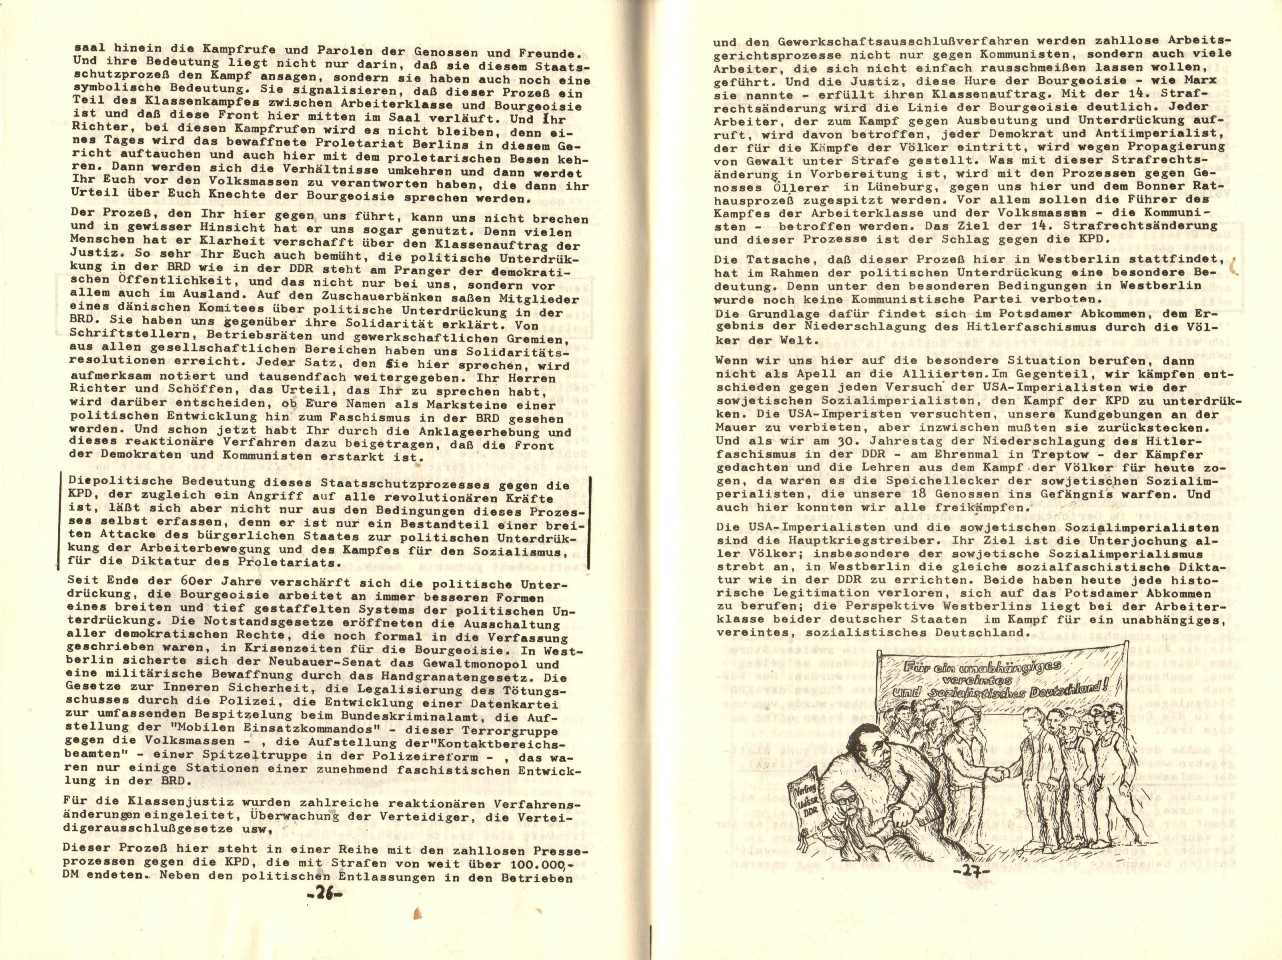 Berlin_KPD_1976_Staatsschutzprozess02_15